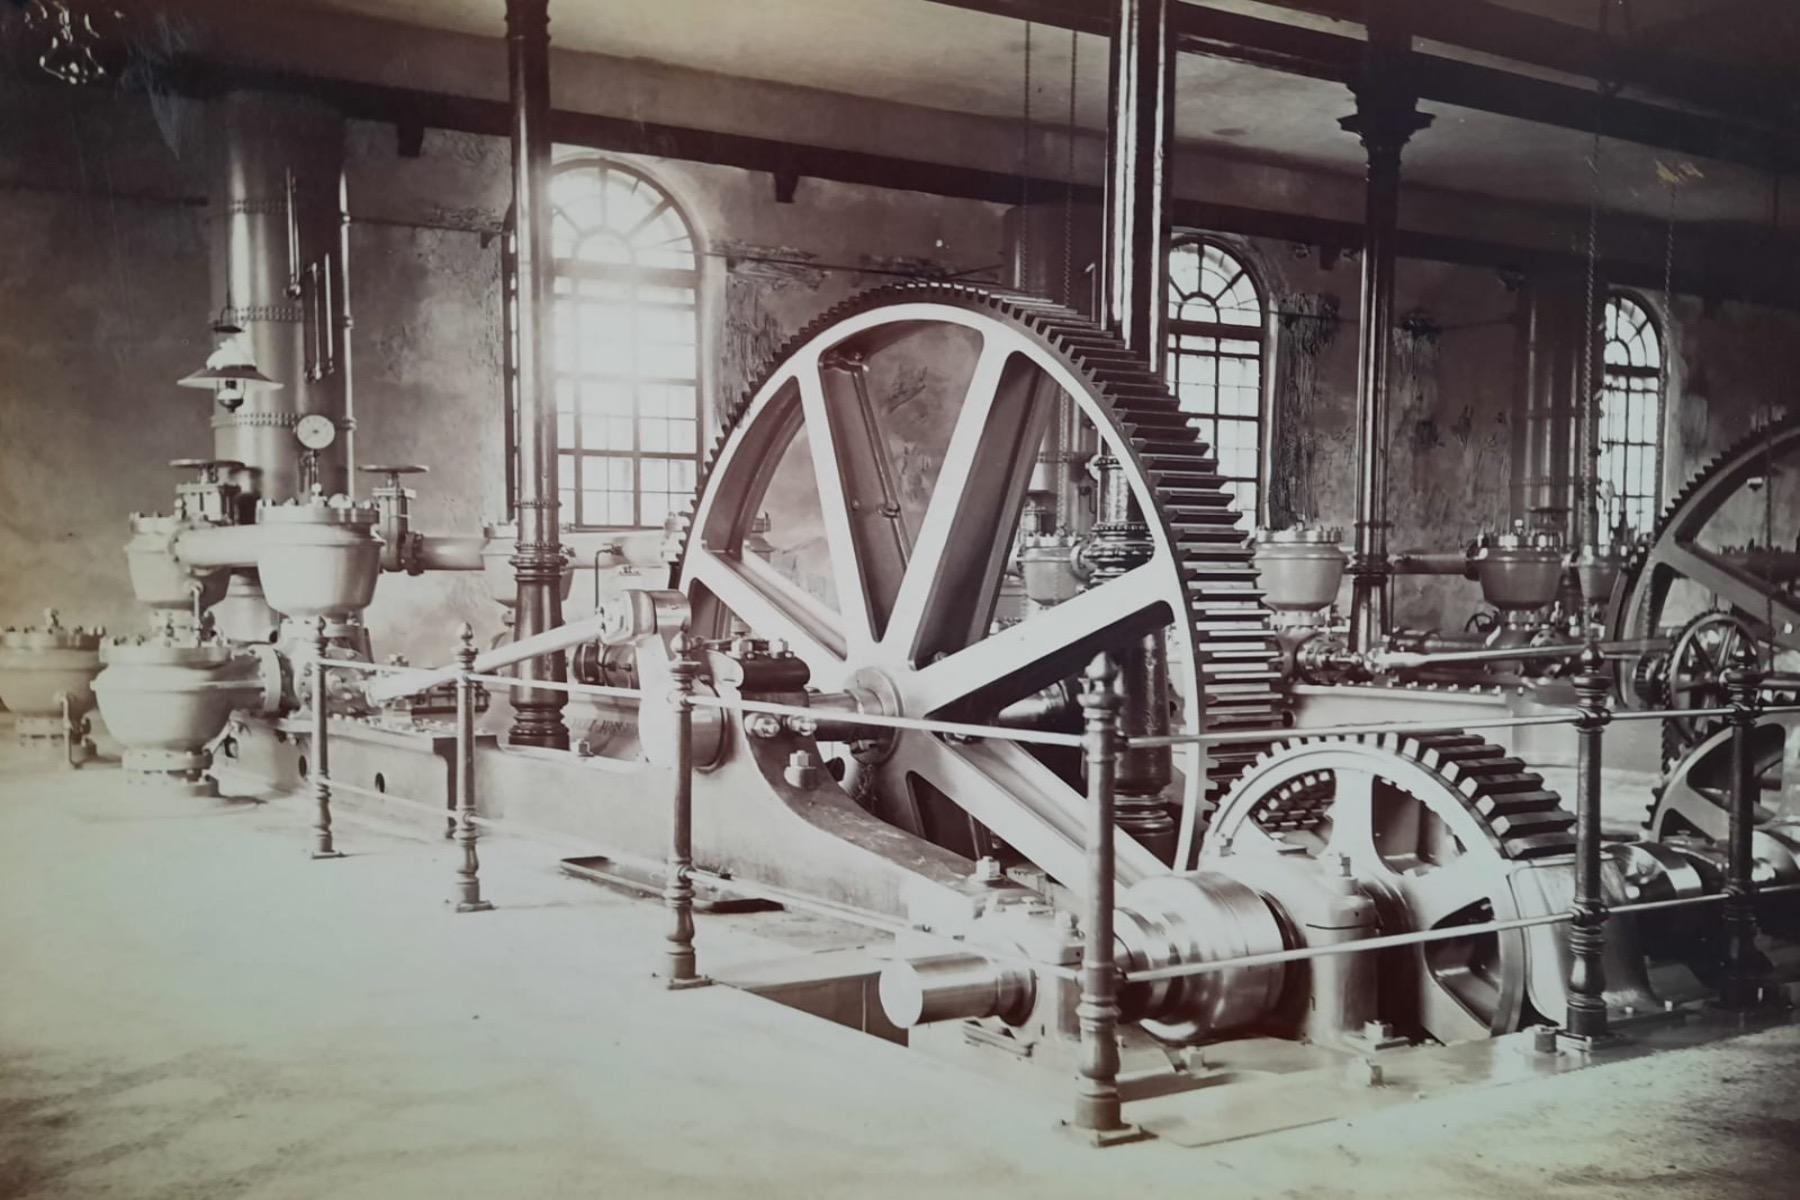 Wasserwerk/Pumpenhaus am Hochablass um 1880 augsburg – ©Privatsammlung Gregor Nagler